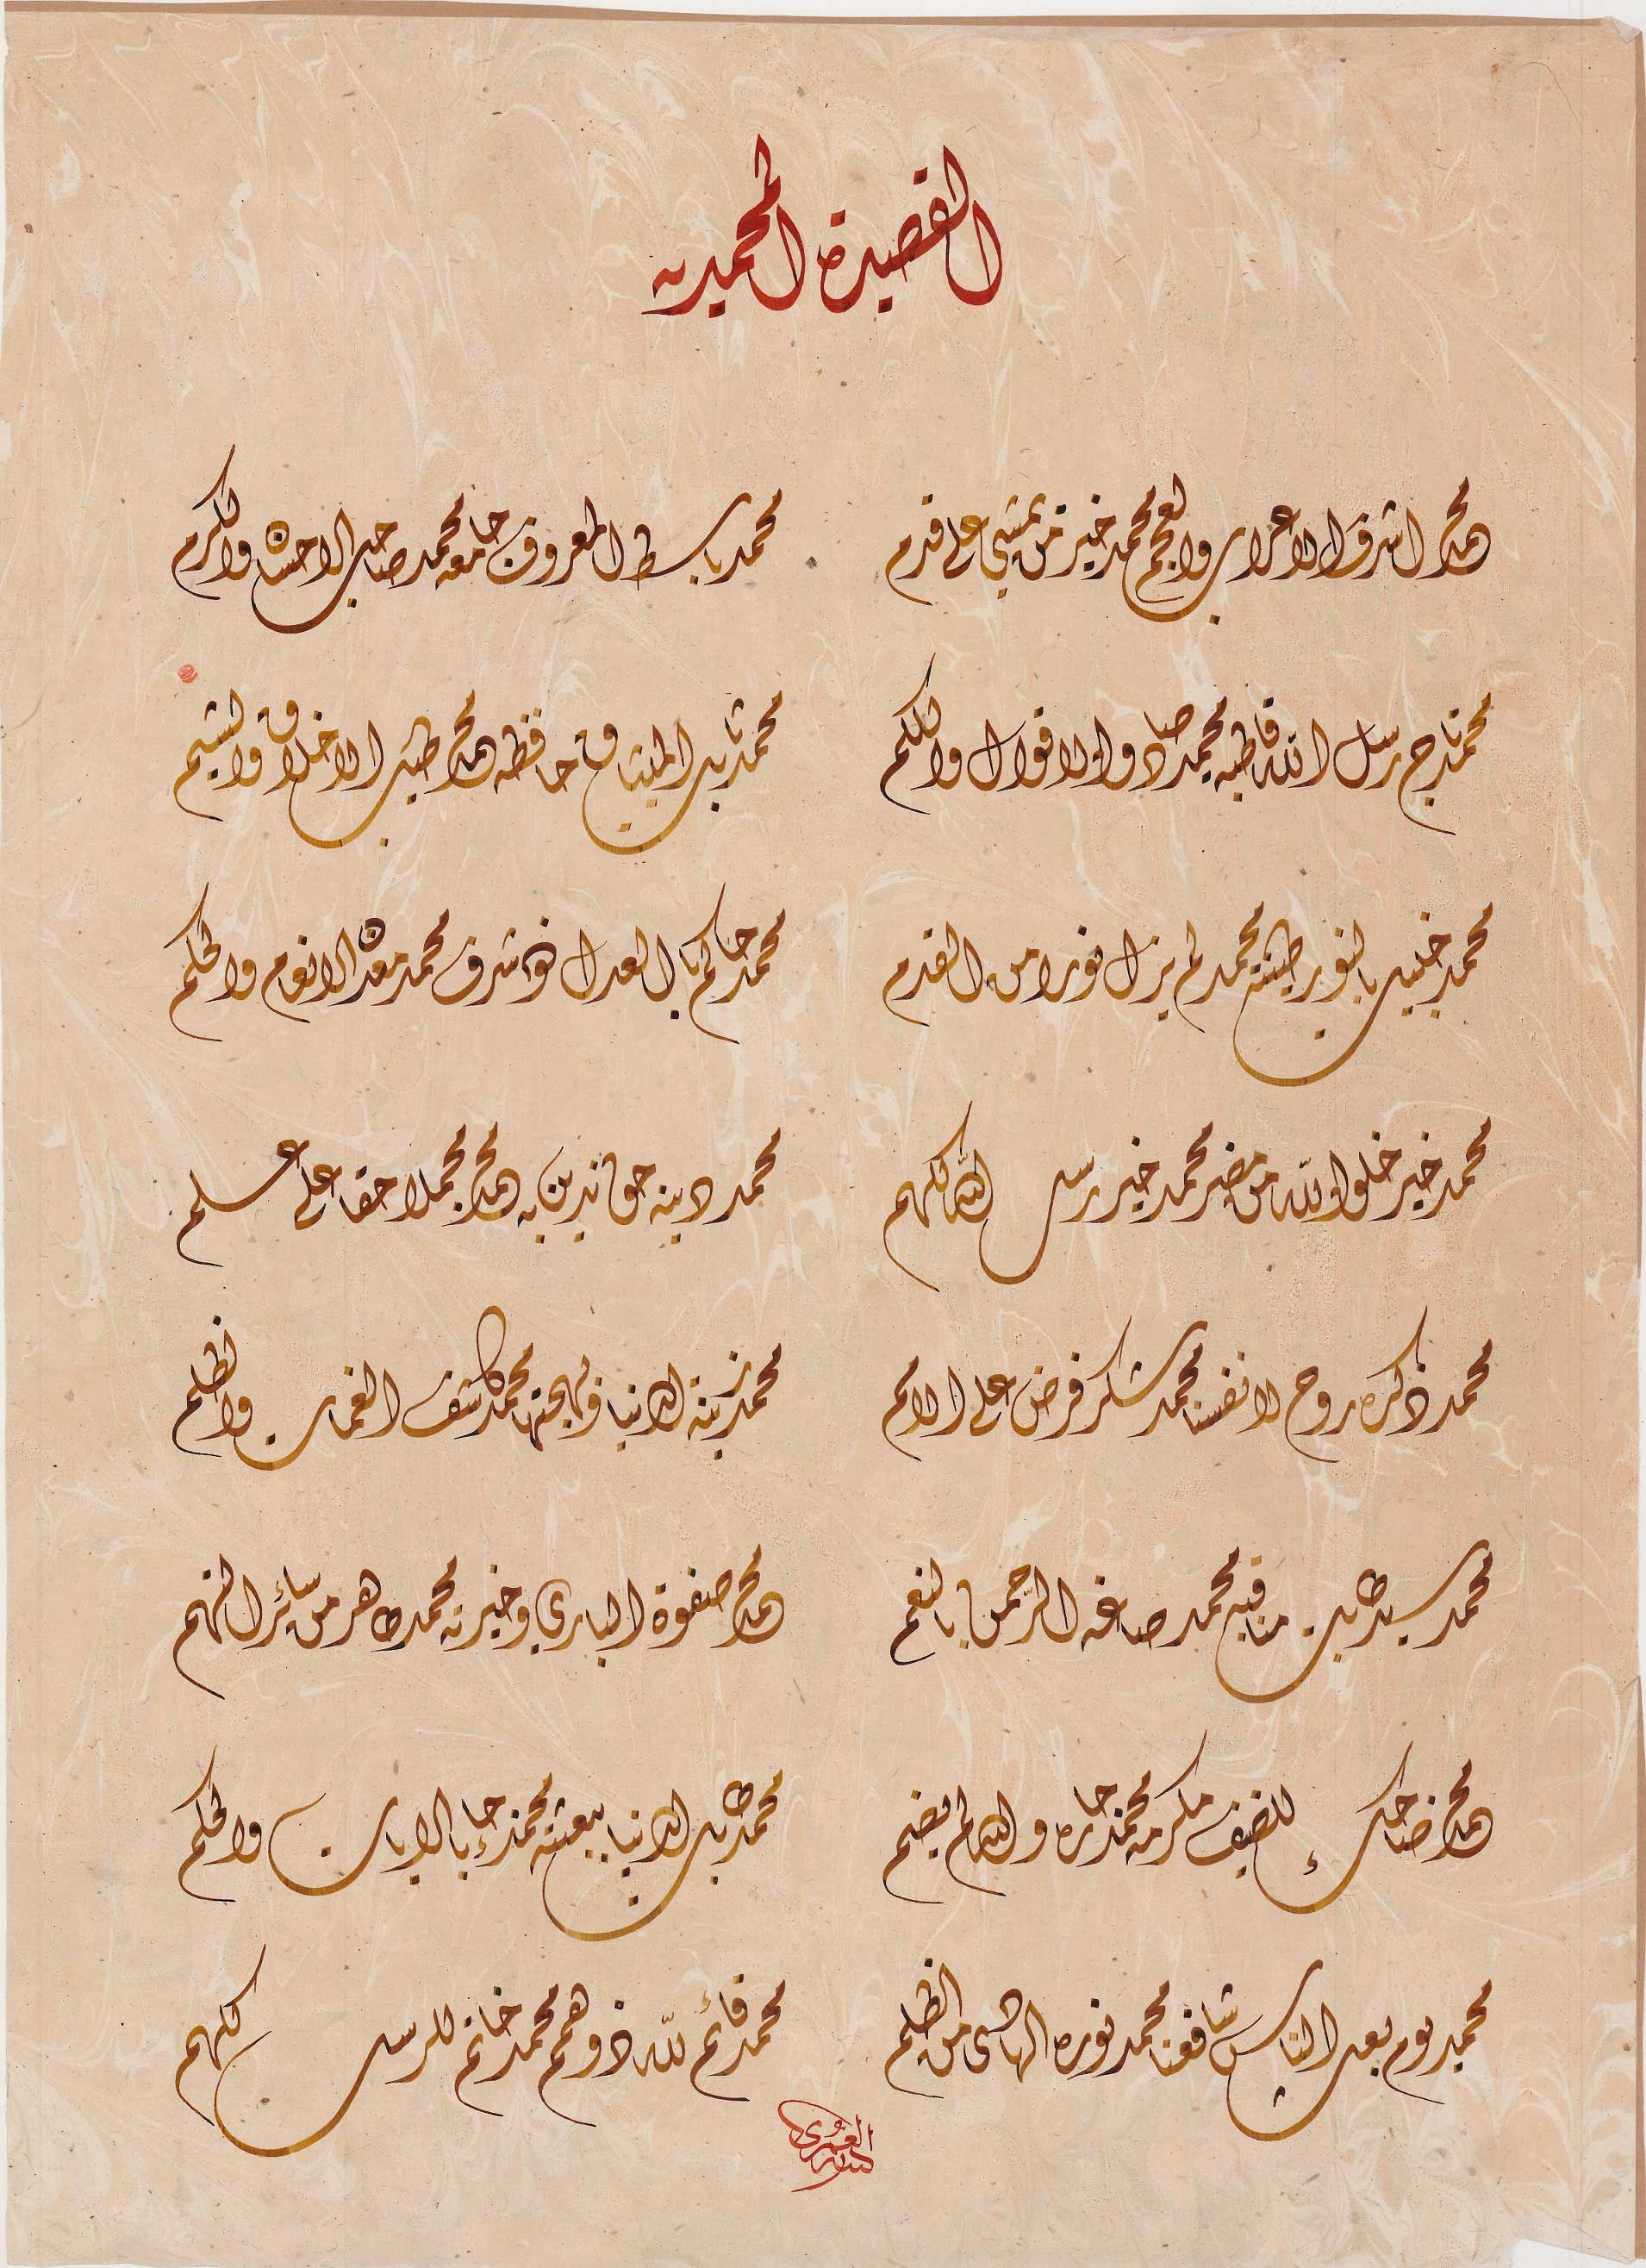 القصيدة المحمدية (Dengan gambar) Seni, Kaligrafi